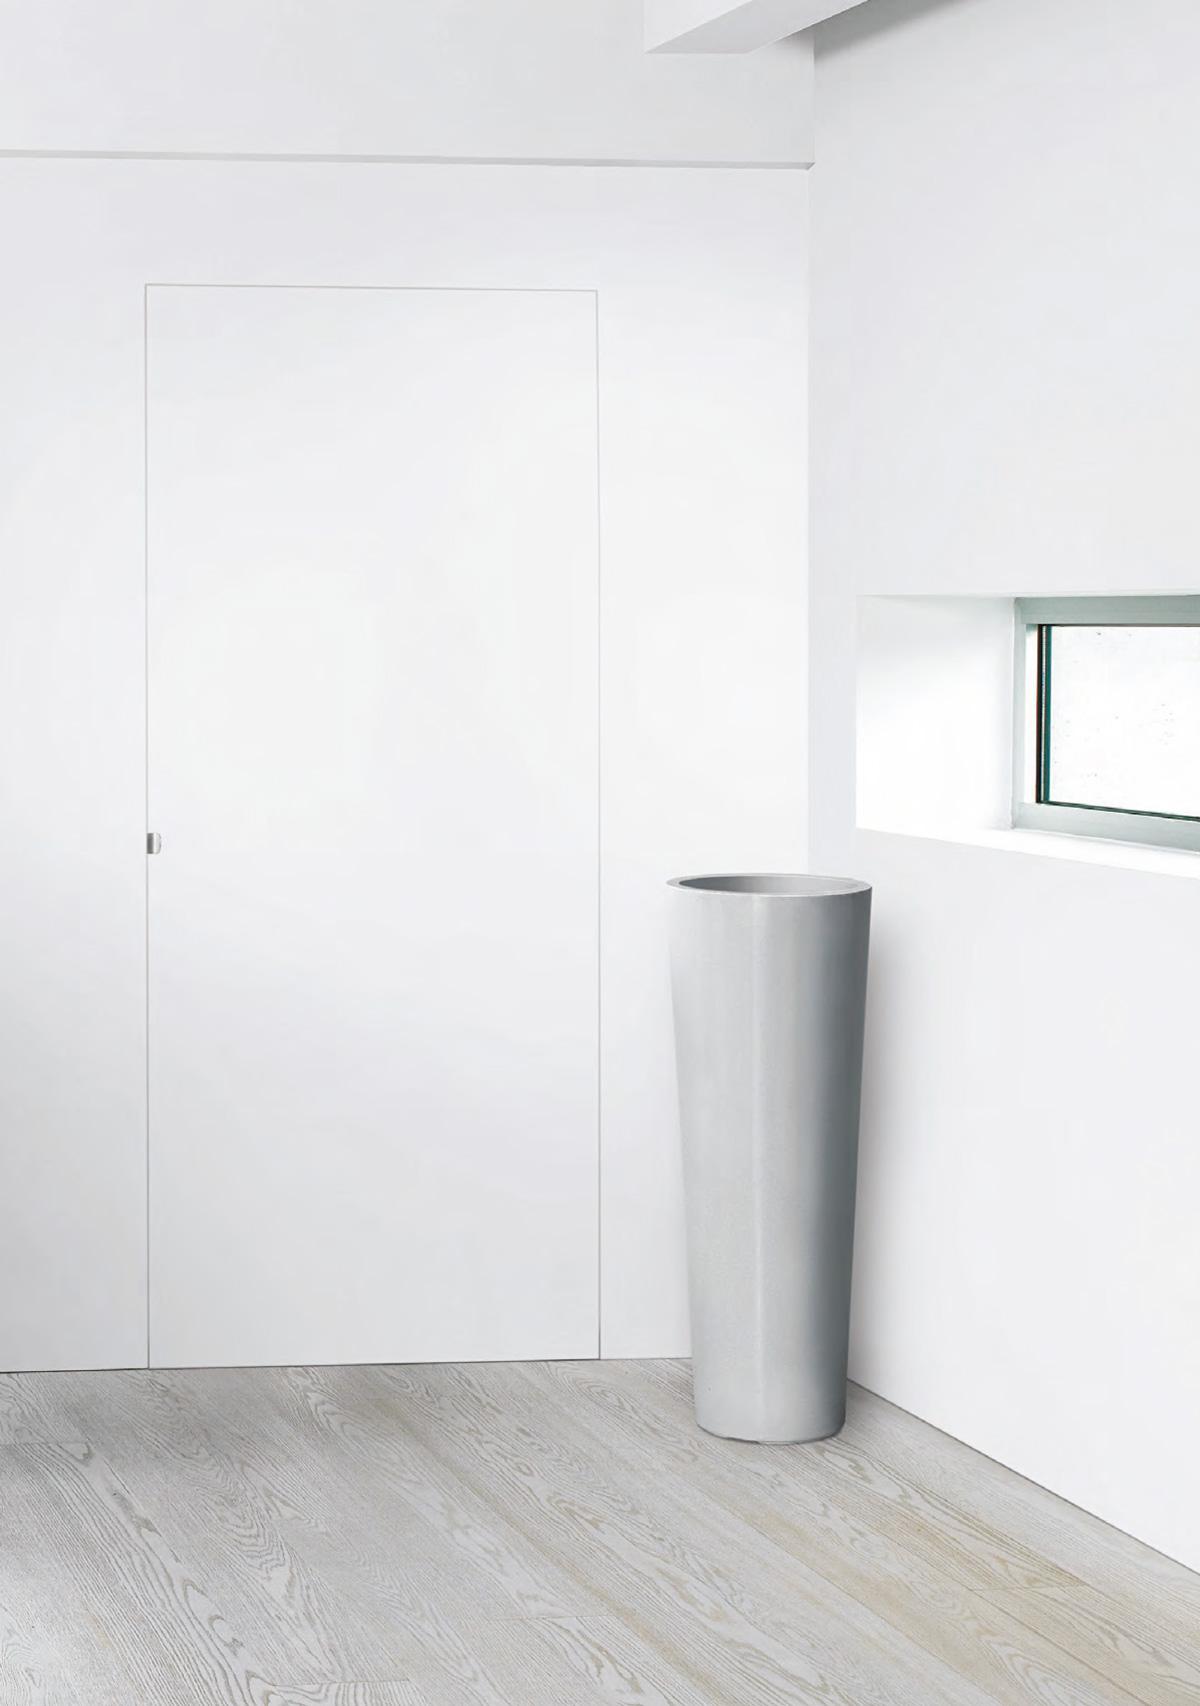 Porta filomuro dierre mimesi minimal ed elegante for Dierre porte